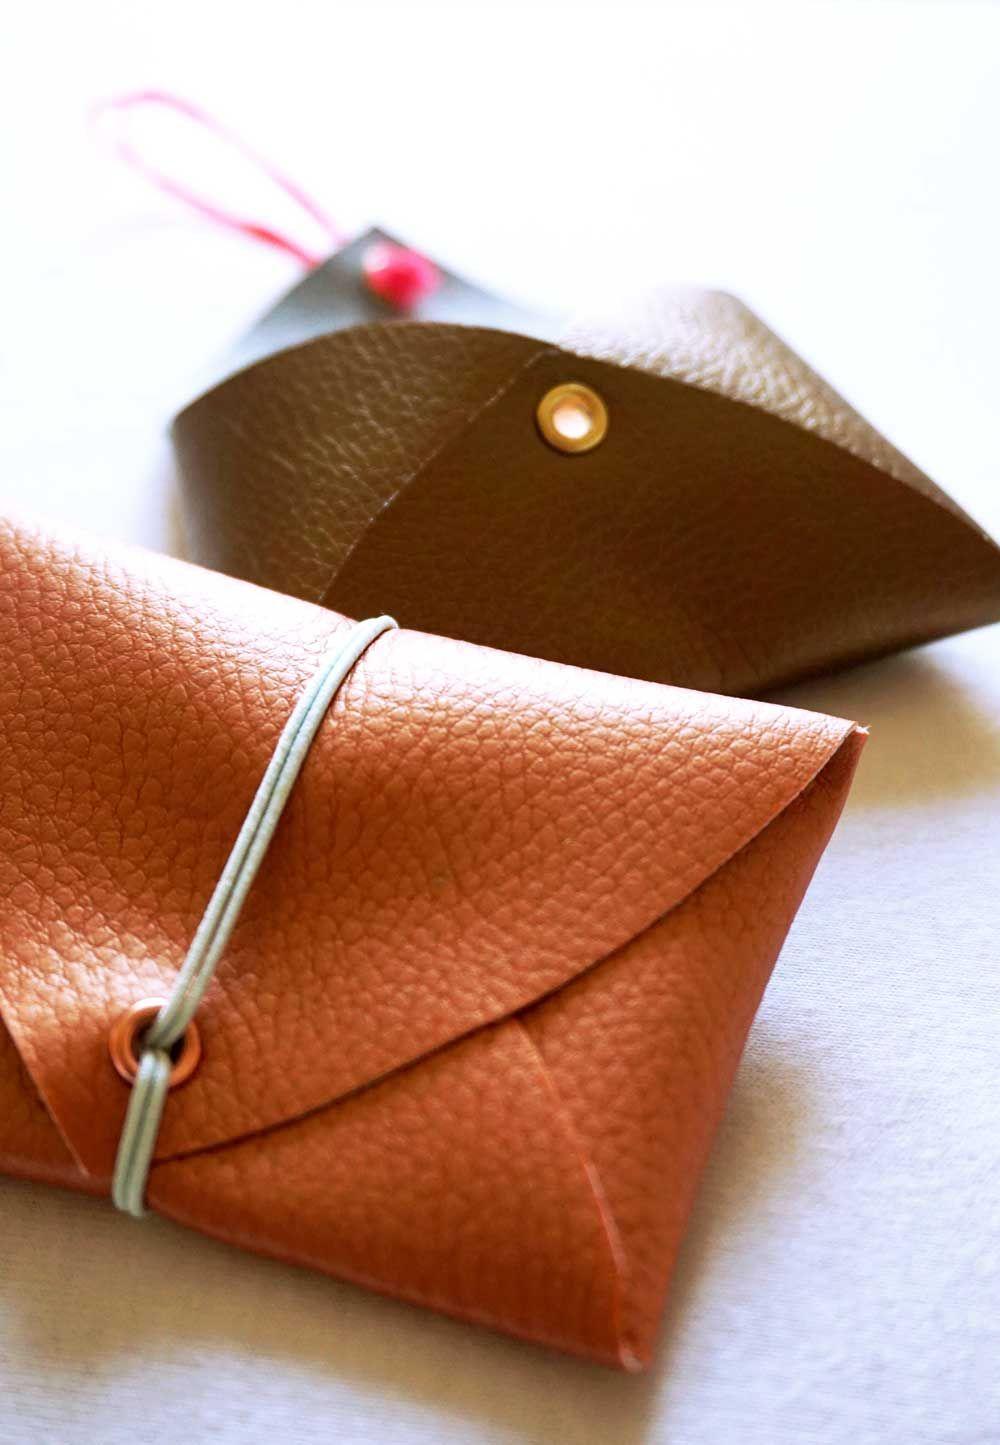 5-Minuten-DIY: Geldbeutel ohne Nähen selbermachen | Zero waste ...